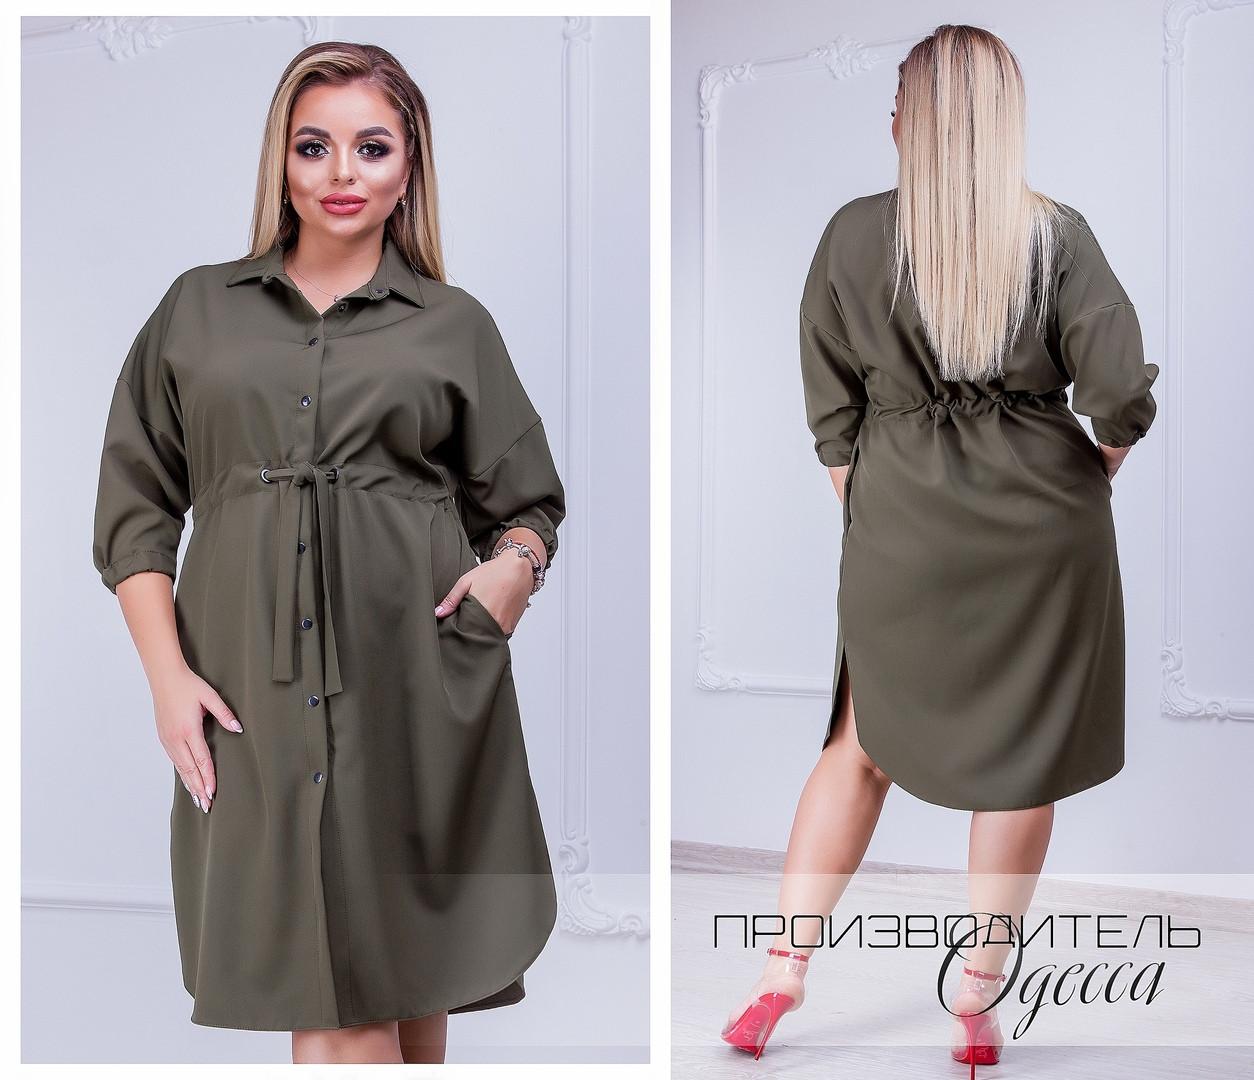 Купить платье больших размеров в интернет-магазине Аssorti недорого